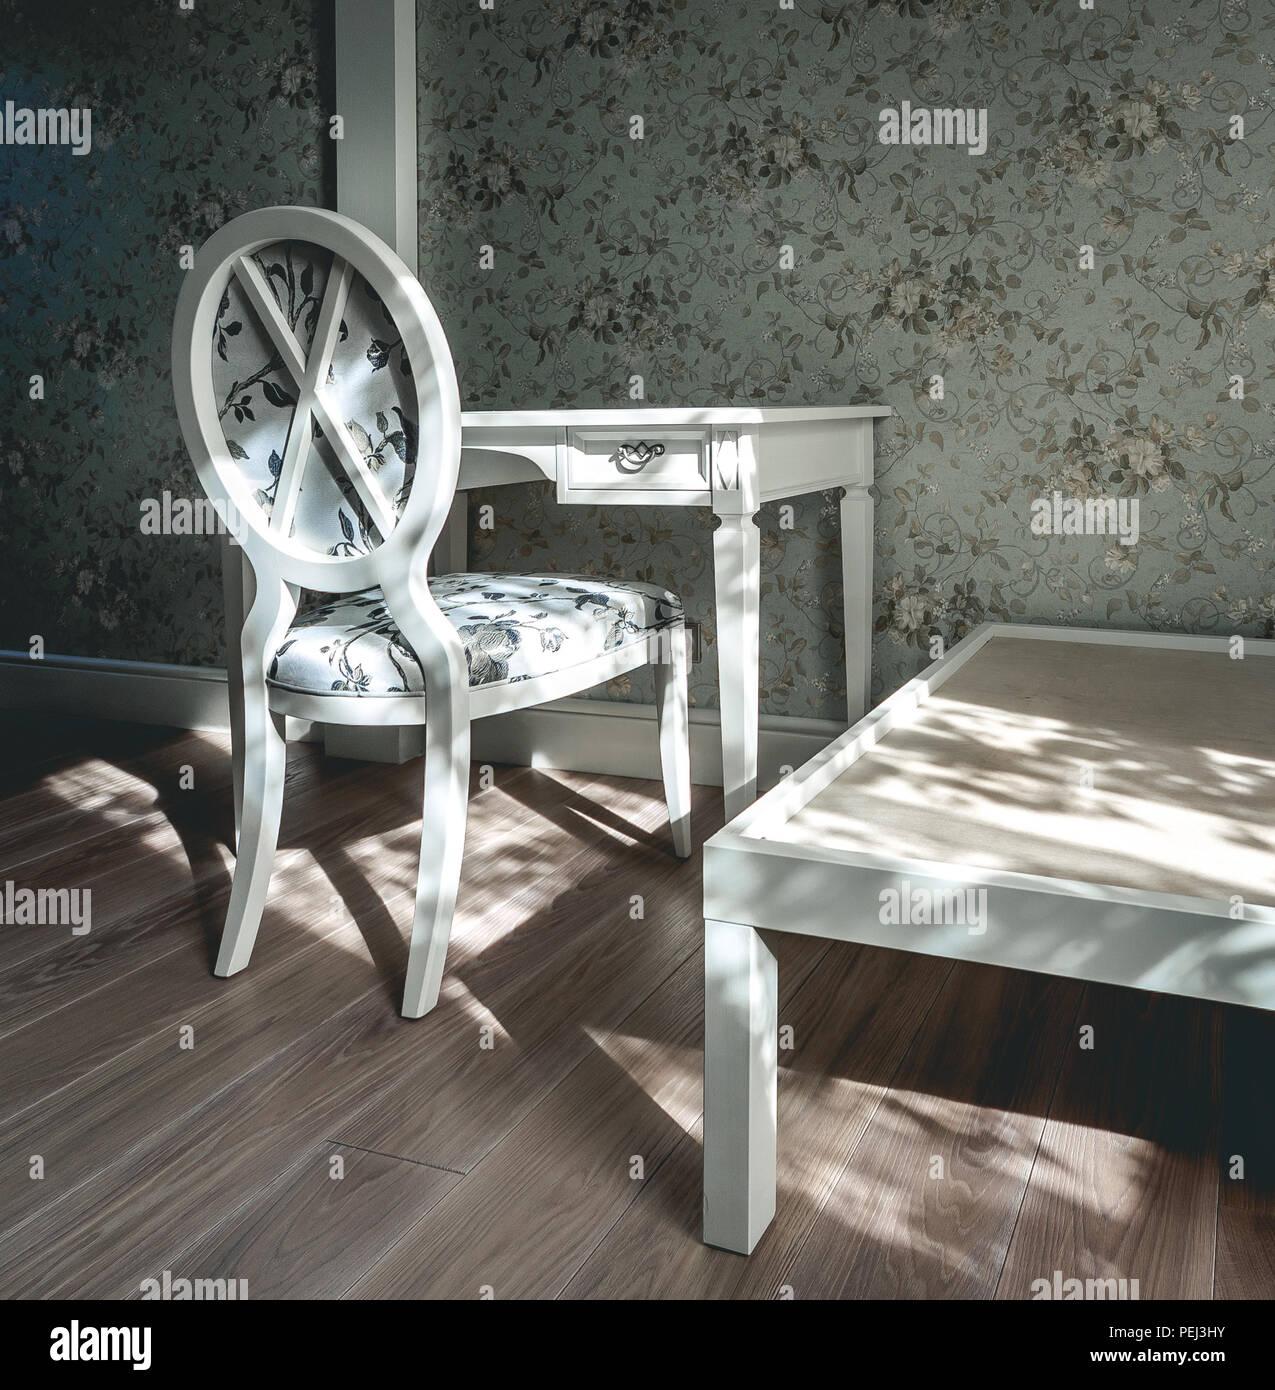 Vintage Zimmer Mit Sessel Tisch Und Geblumten Tapeten Weiss Und